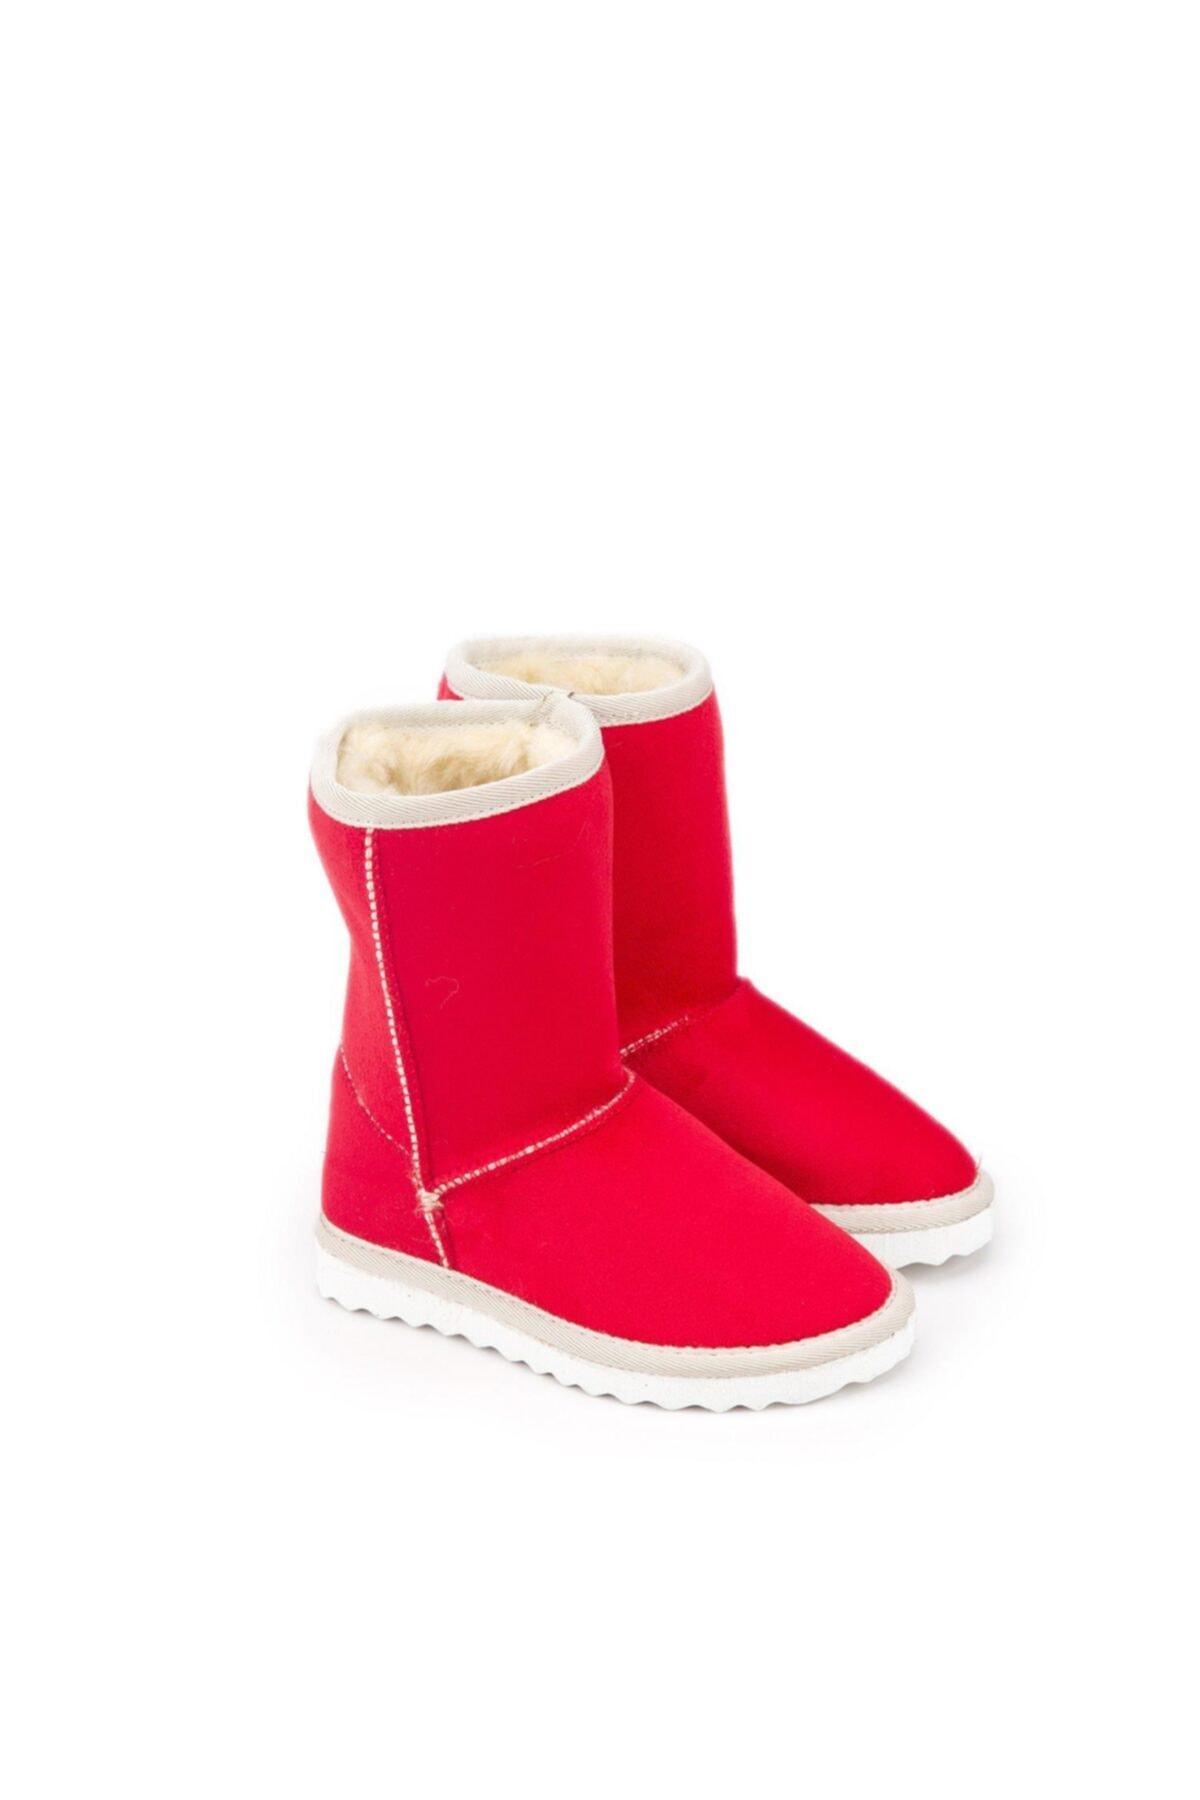 Antarctica Boots Klasik Içi Kürklü Eva Taban Süet Kırmızı Çocuk Bot 1